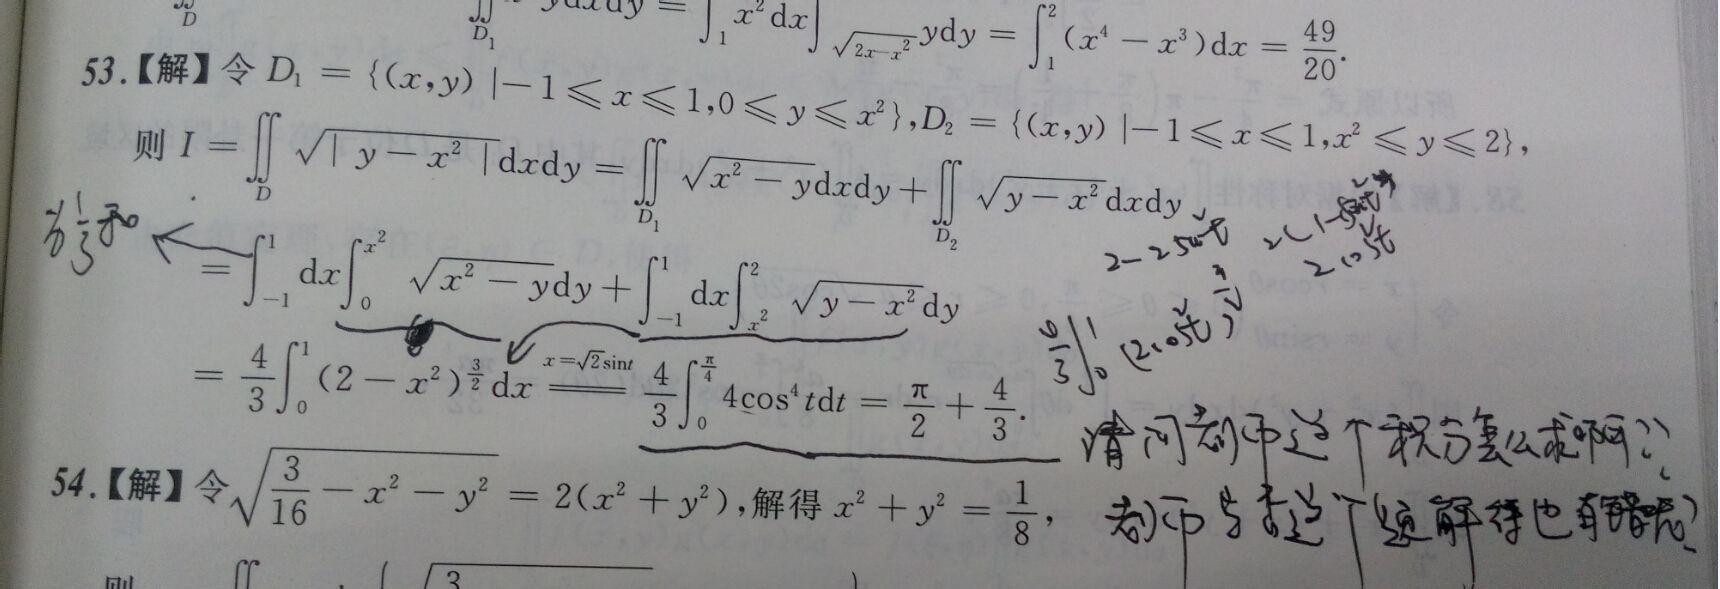 请问老师这个定积分一般怎么求呢,还有这个题本身解得